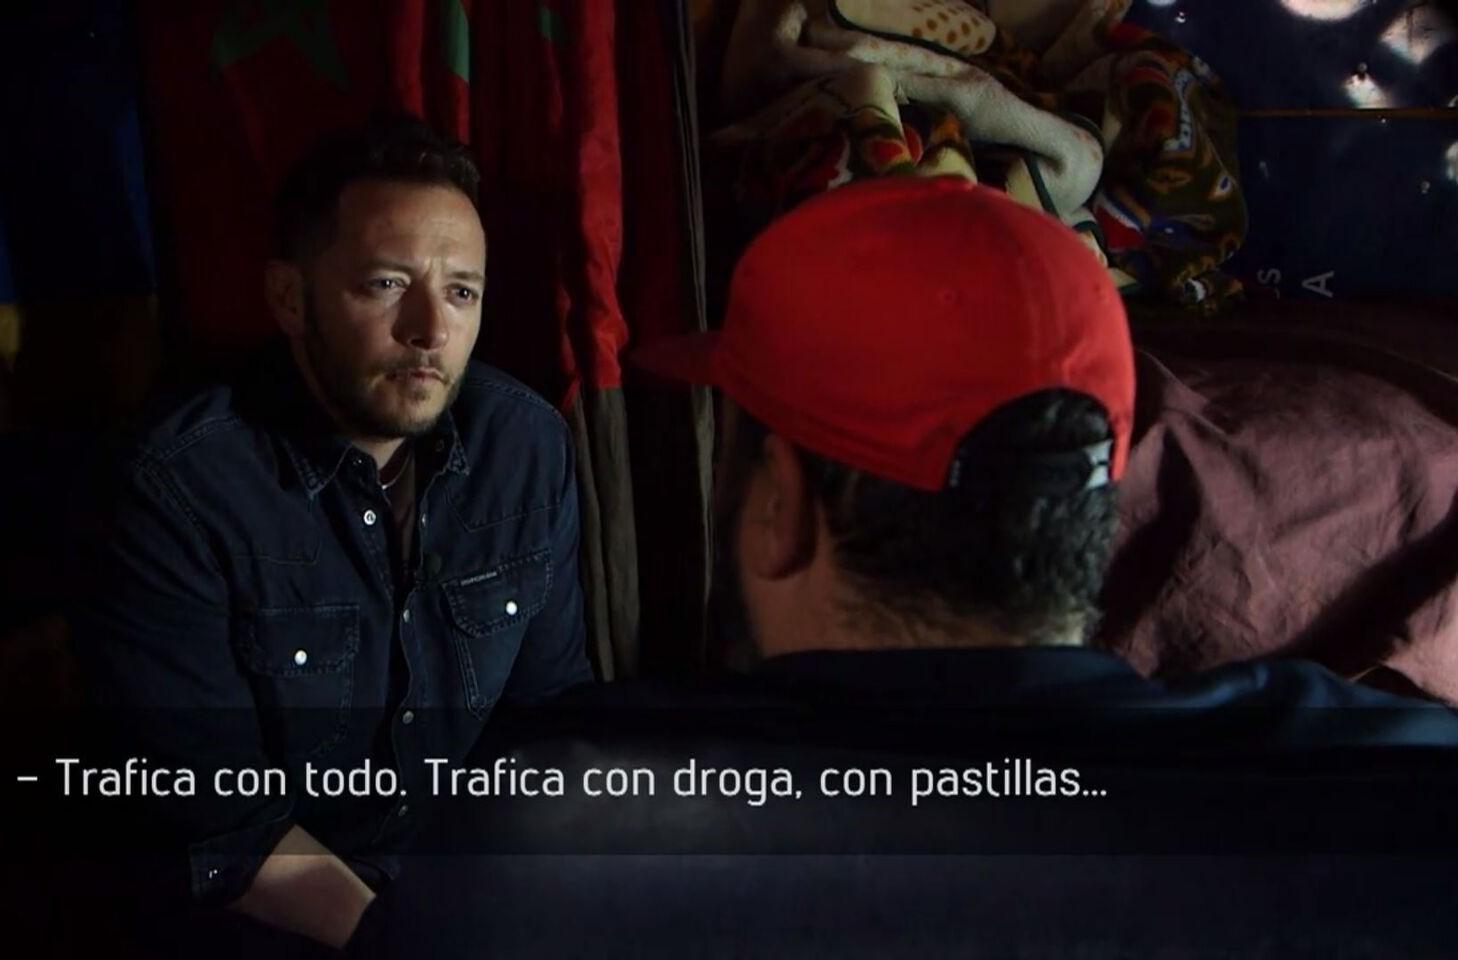 """صورة صحفية """"إسبانيول"""" تفضح القناة الإسبانية الرابعة وتطعن في مصداقيتها"""